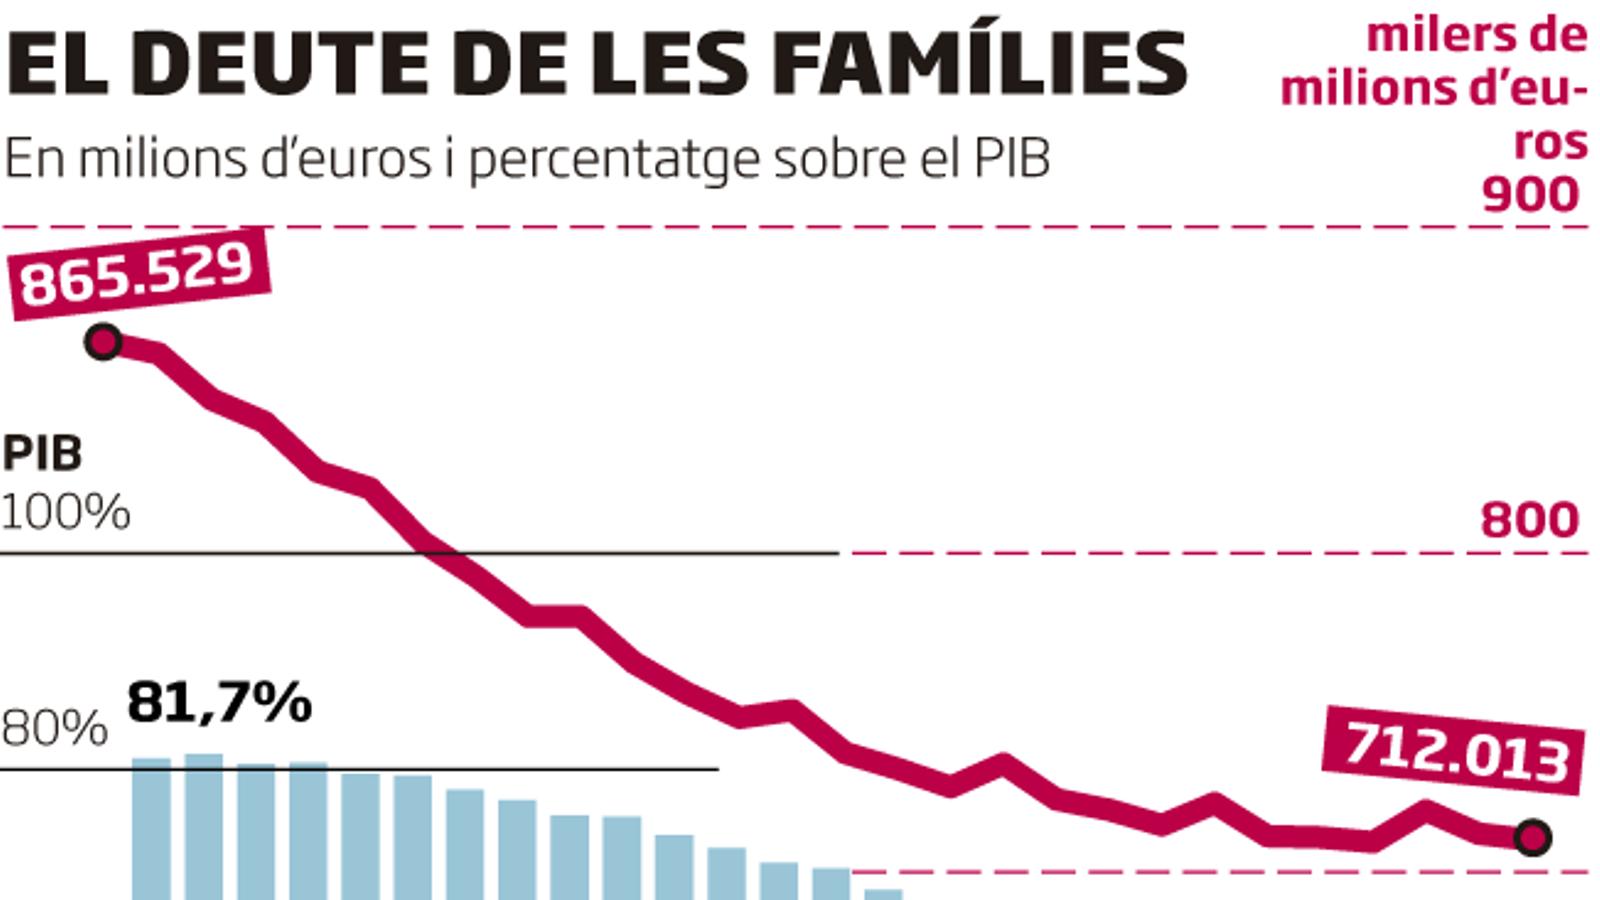 La desacceleració frena la baixada del deute de famílies i empreses